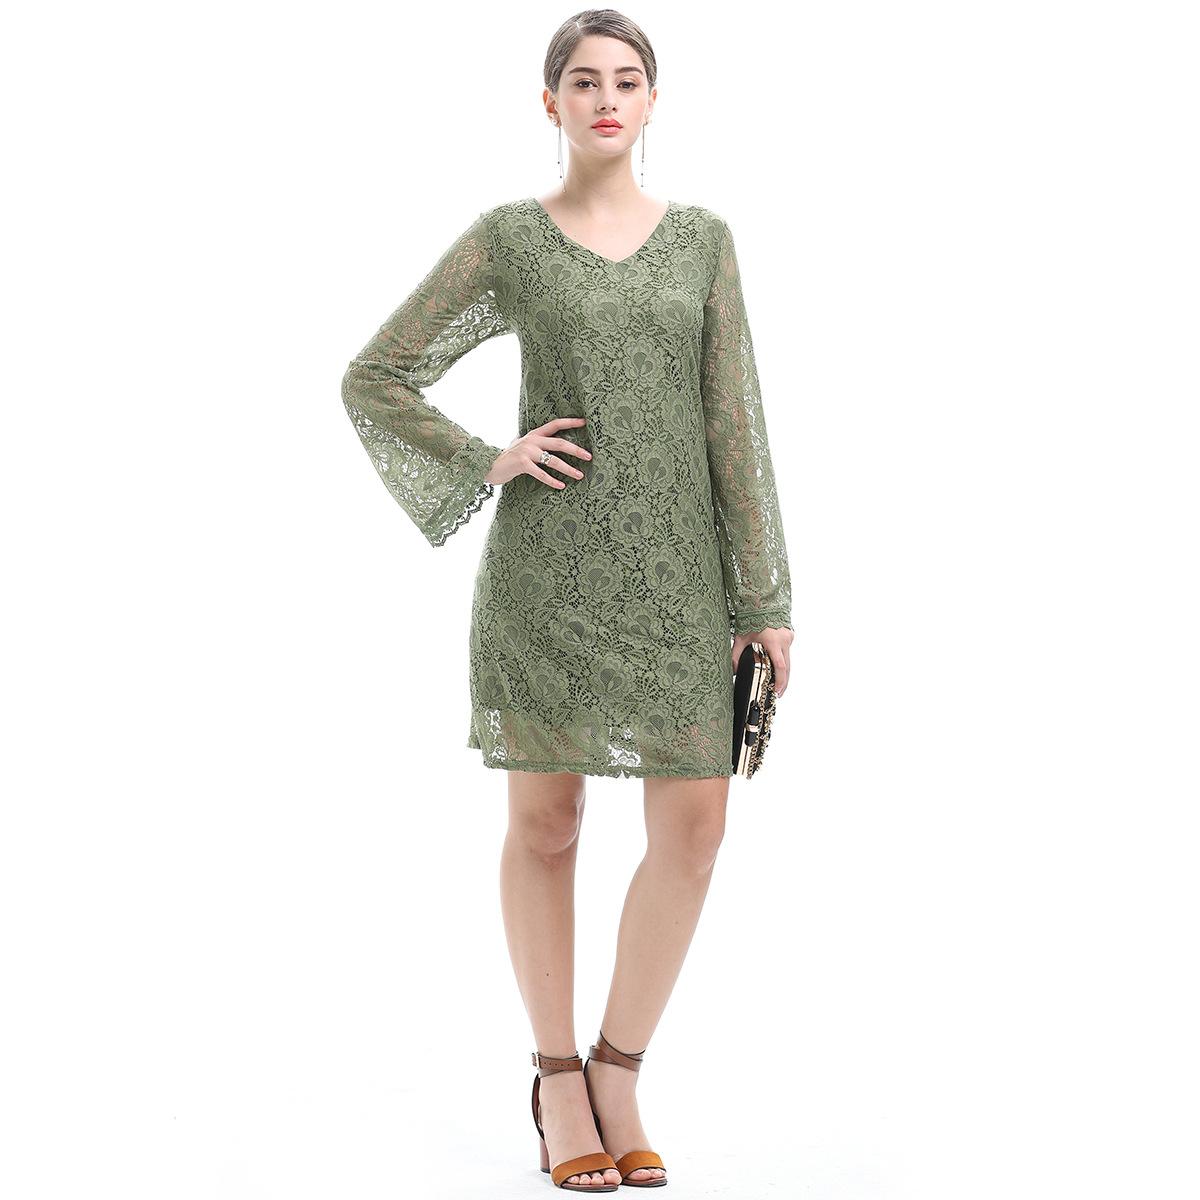 春夏新款名媛气质女装蕾丝裙大码时尚V领修身长袖连衣裙JR1643